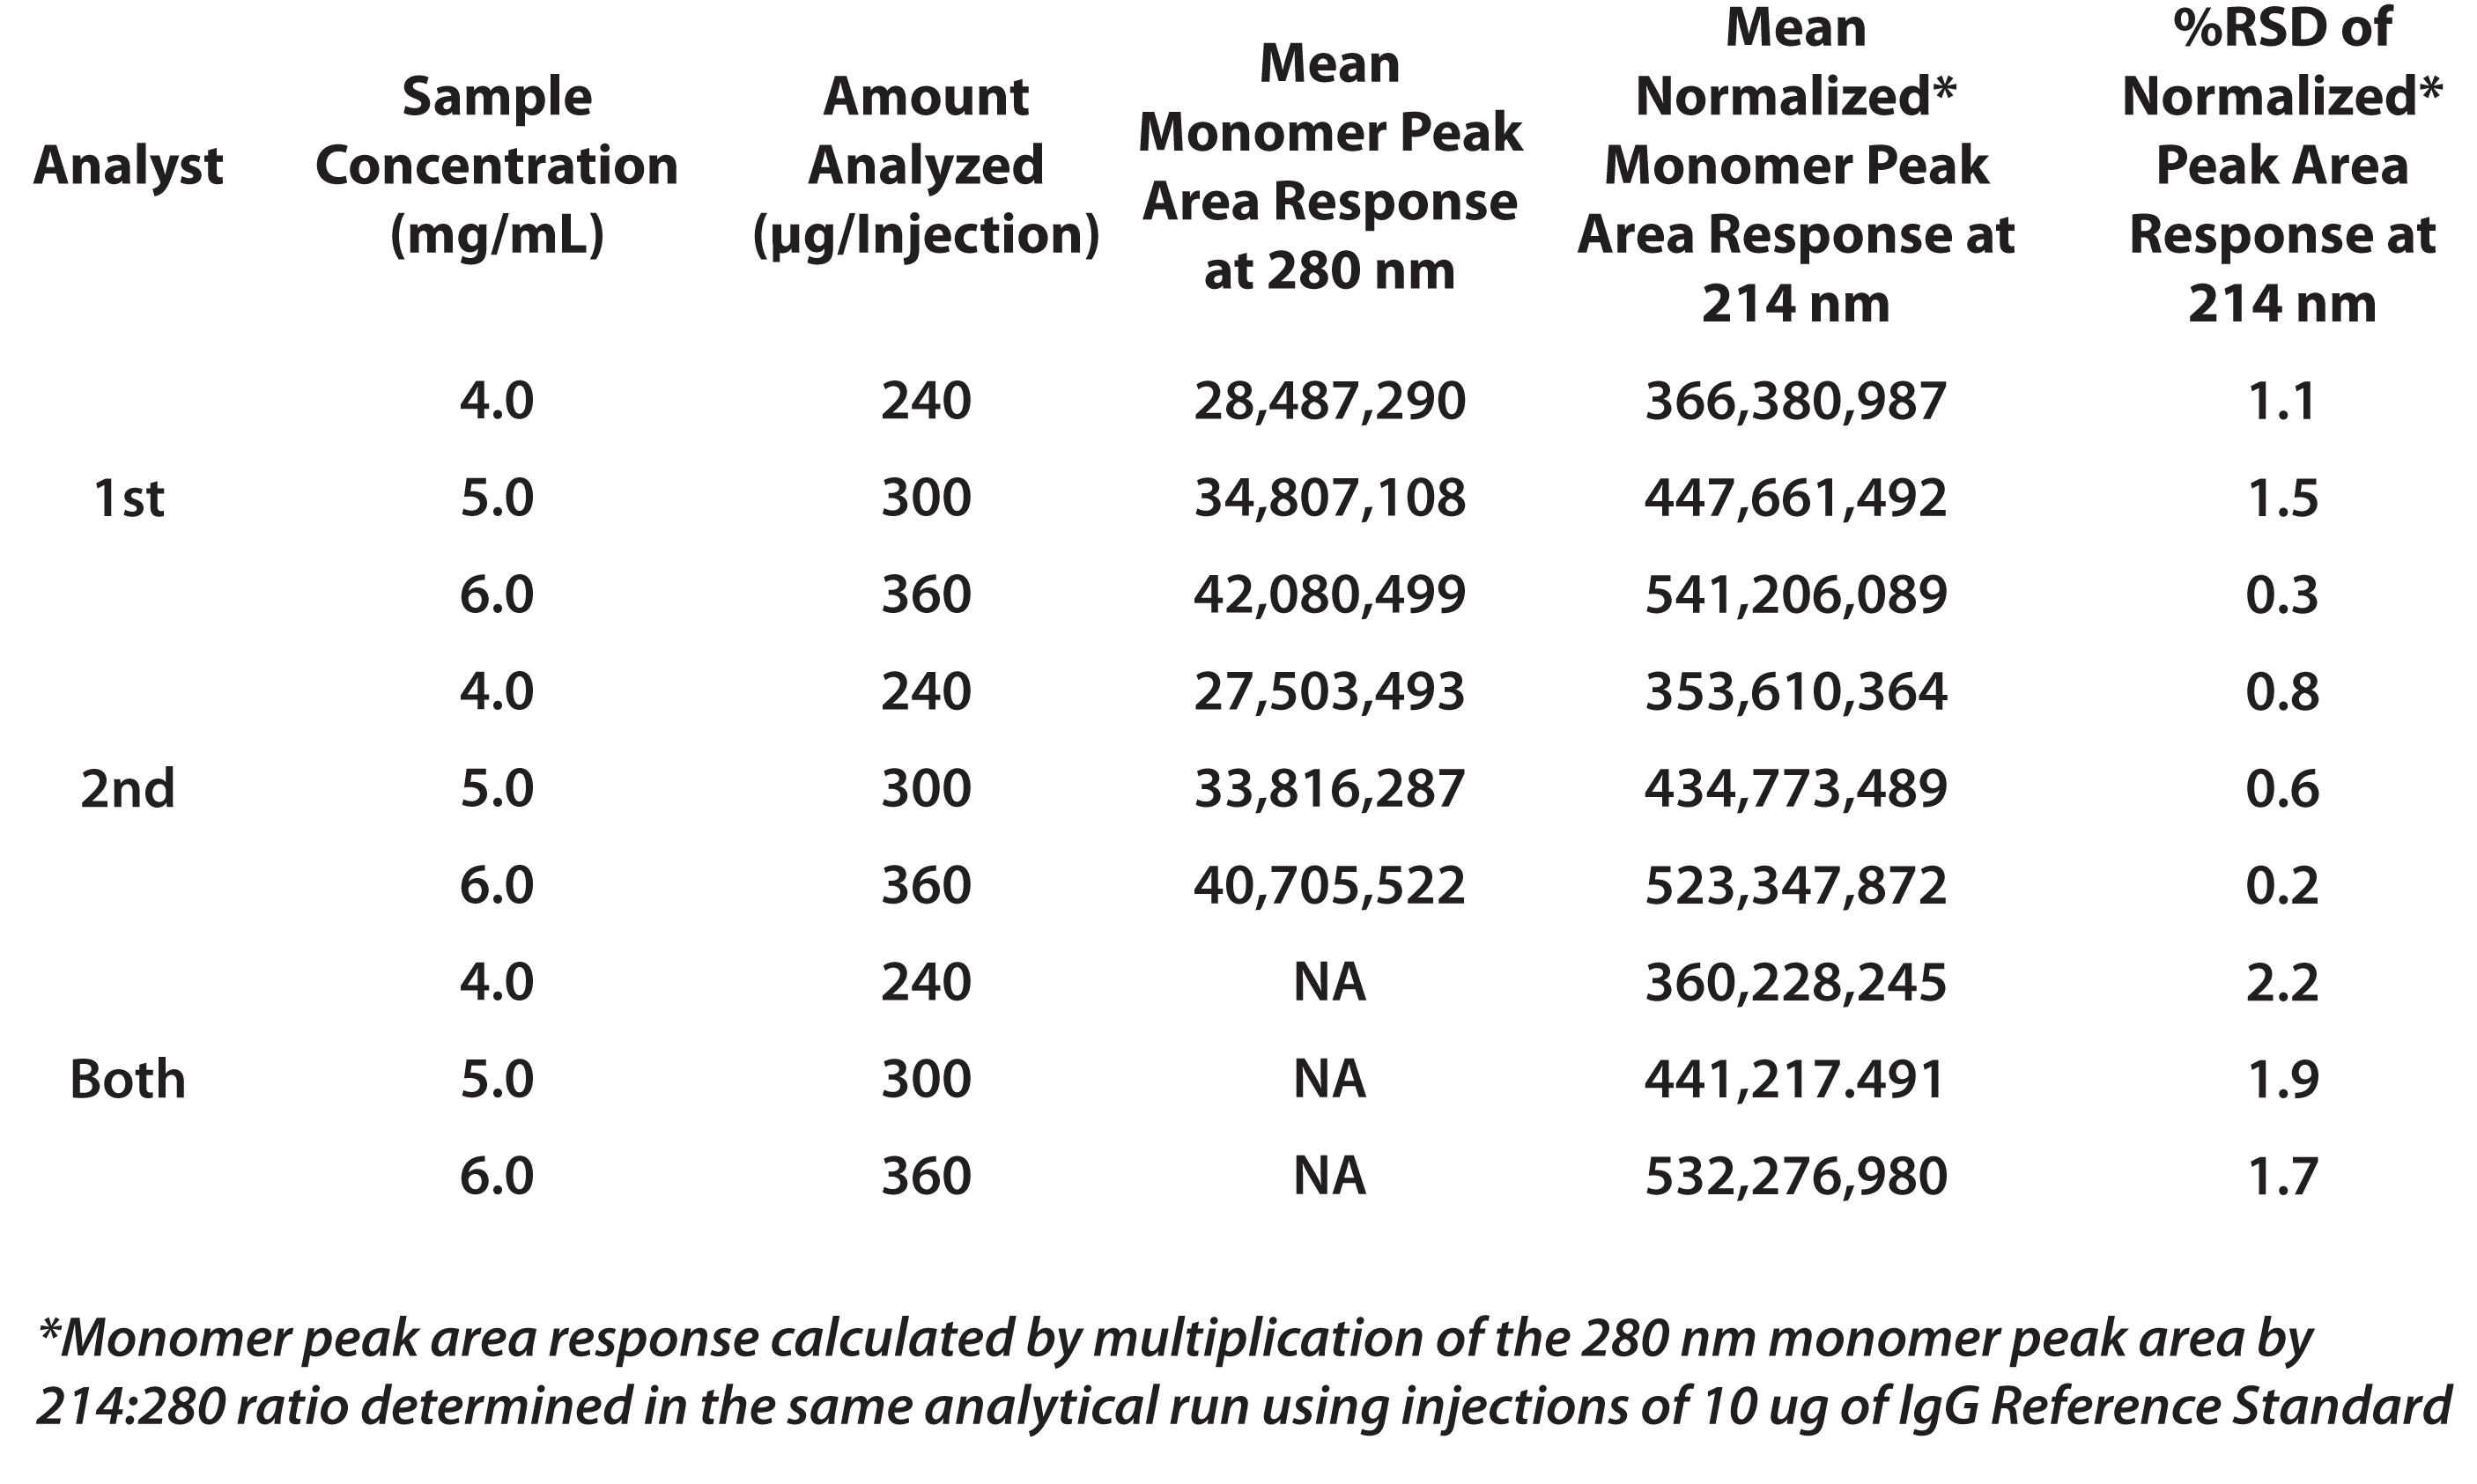 Table 2. Intermediate Precision for lgG Monomer